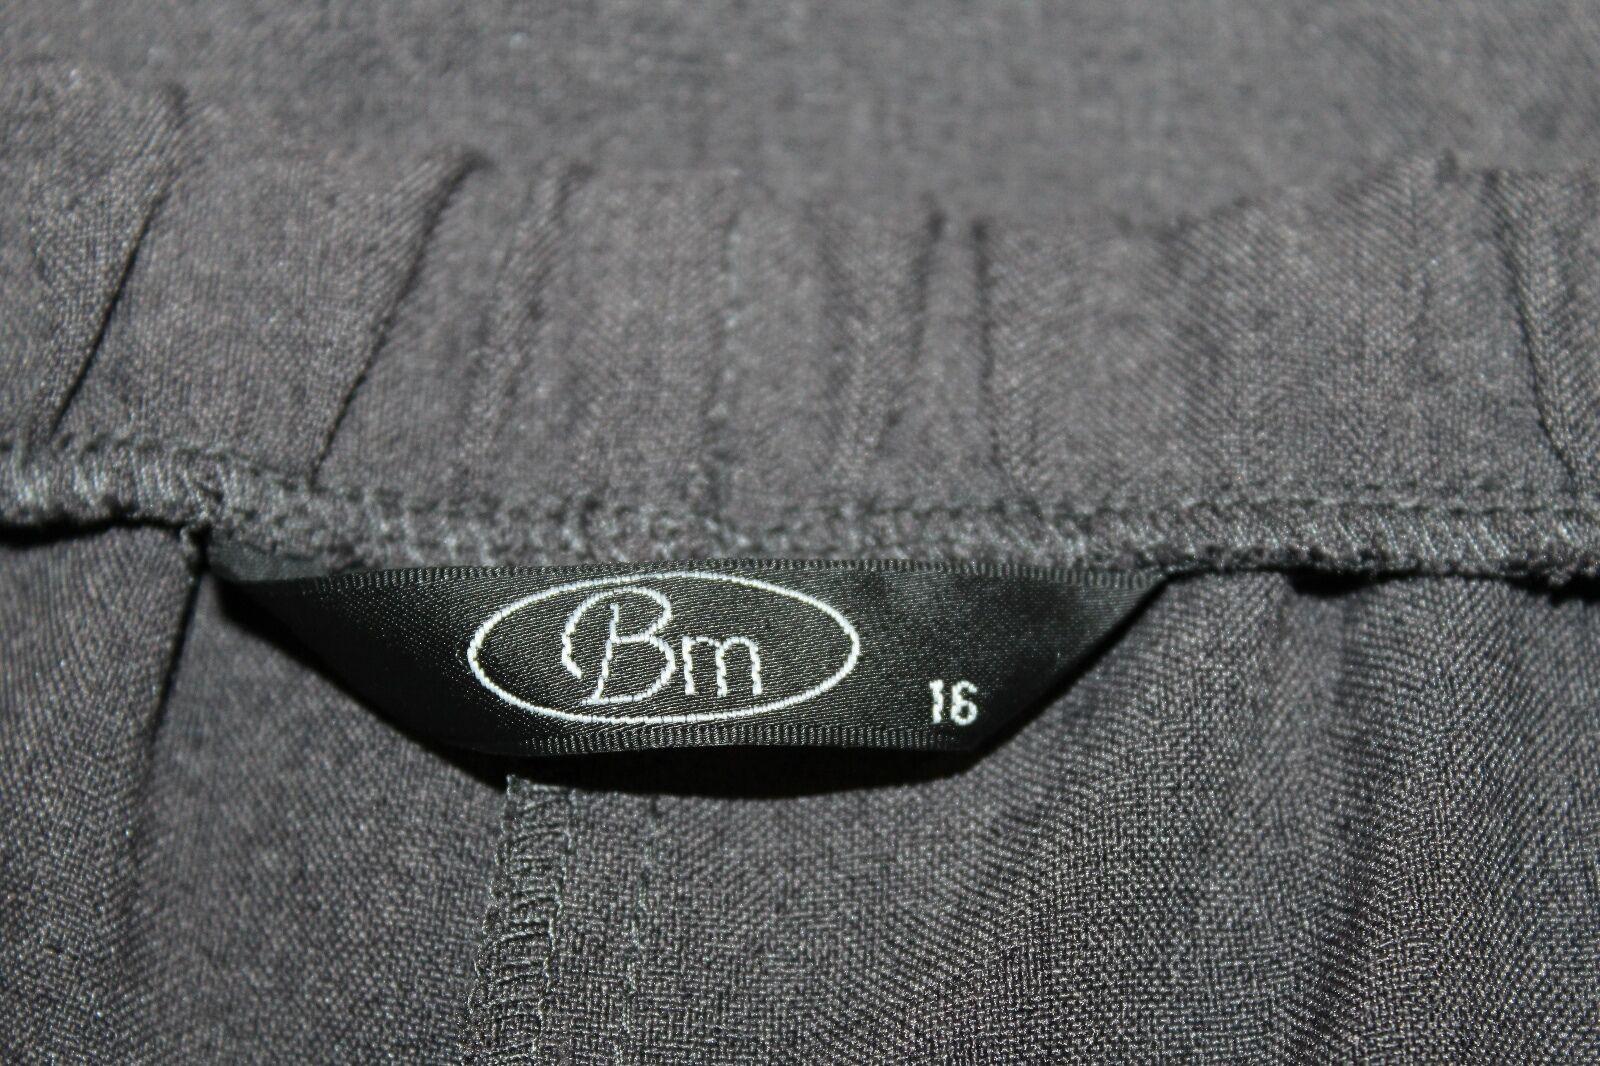 Bm - Us 12 (L) - - - Nuova con Etichetta - Tinta Unita Grigio con Pieghe Dritto 11ce01